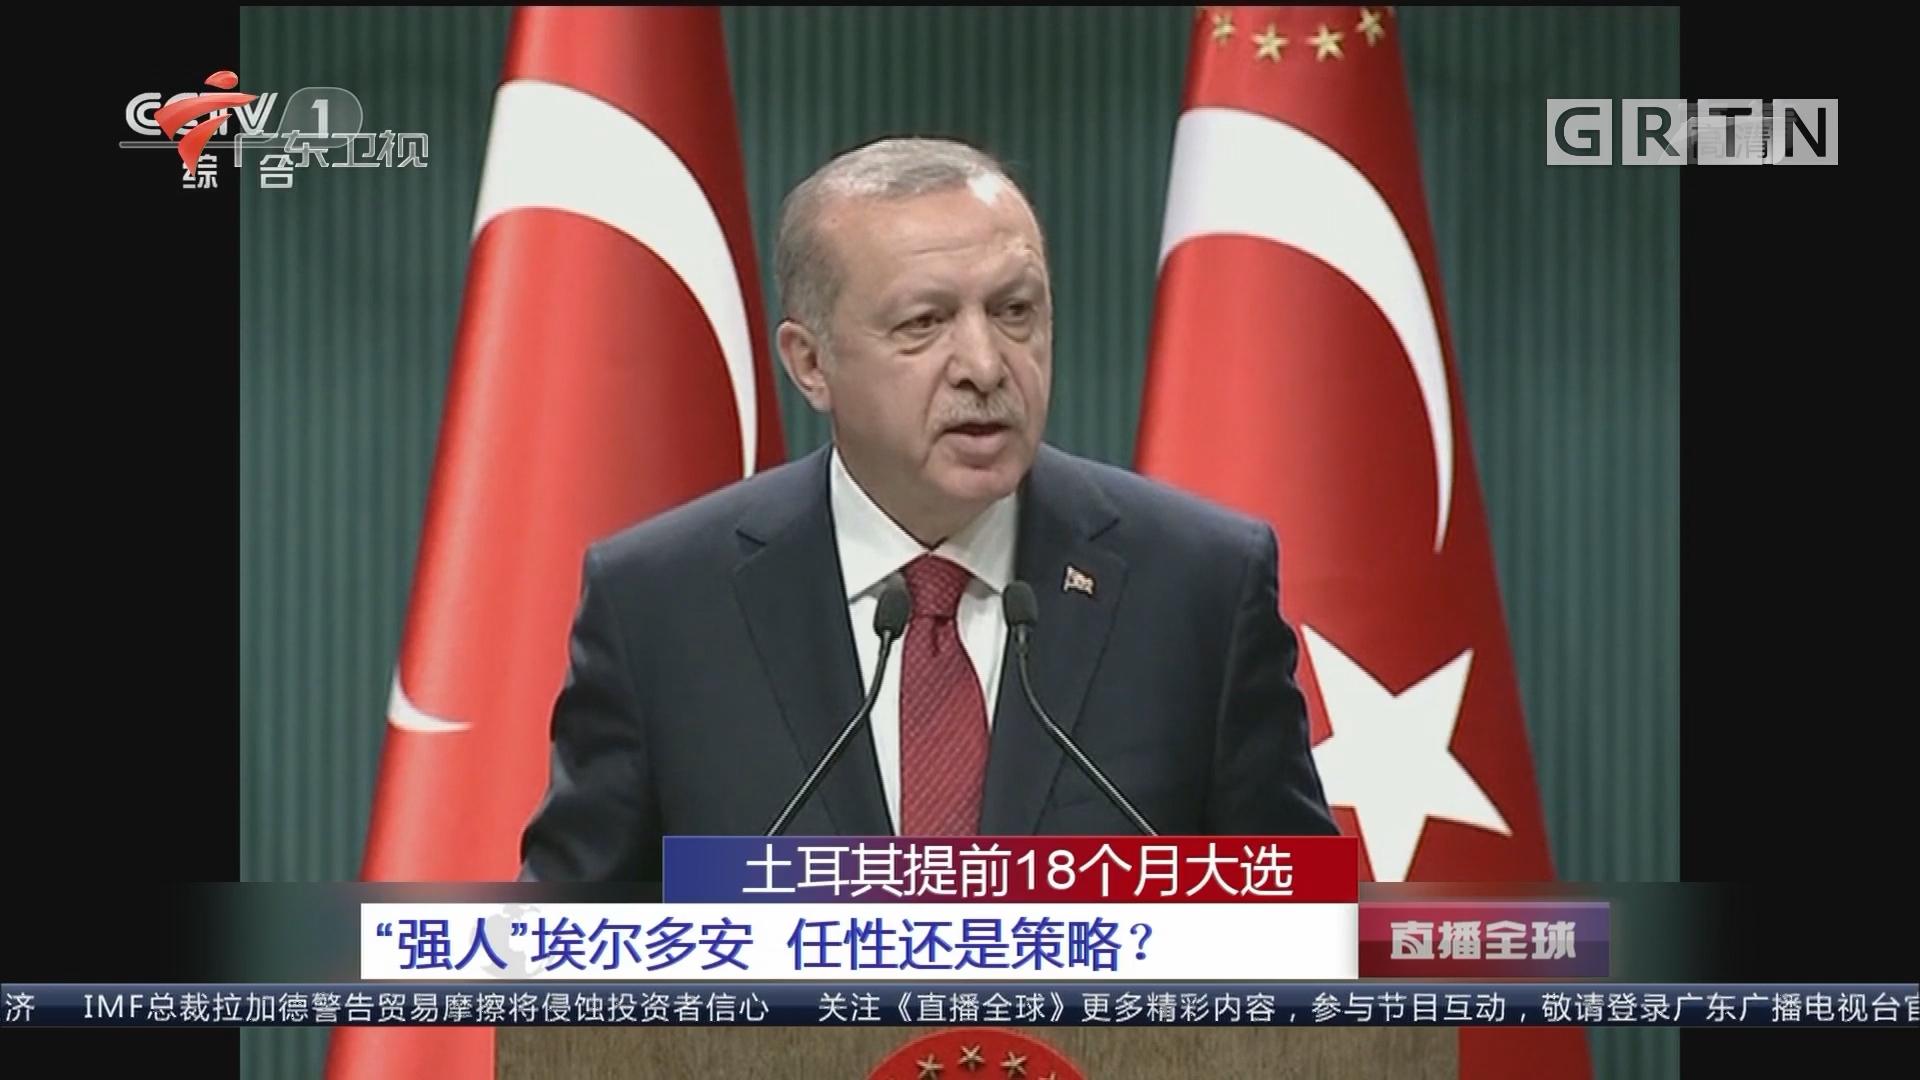 """土耳其提前18个月大选:""""强人""""埃尔多安 任性还是策略?"""